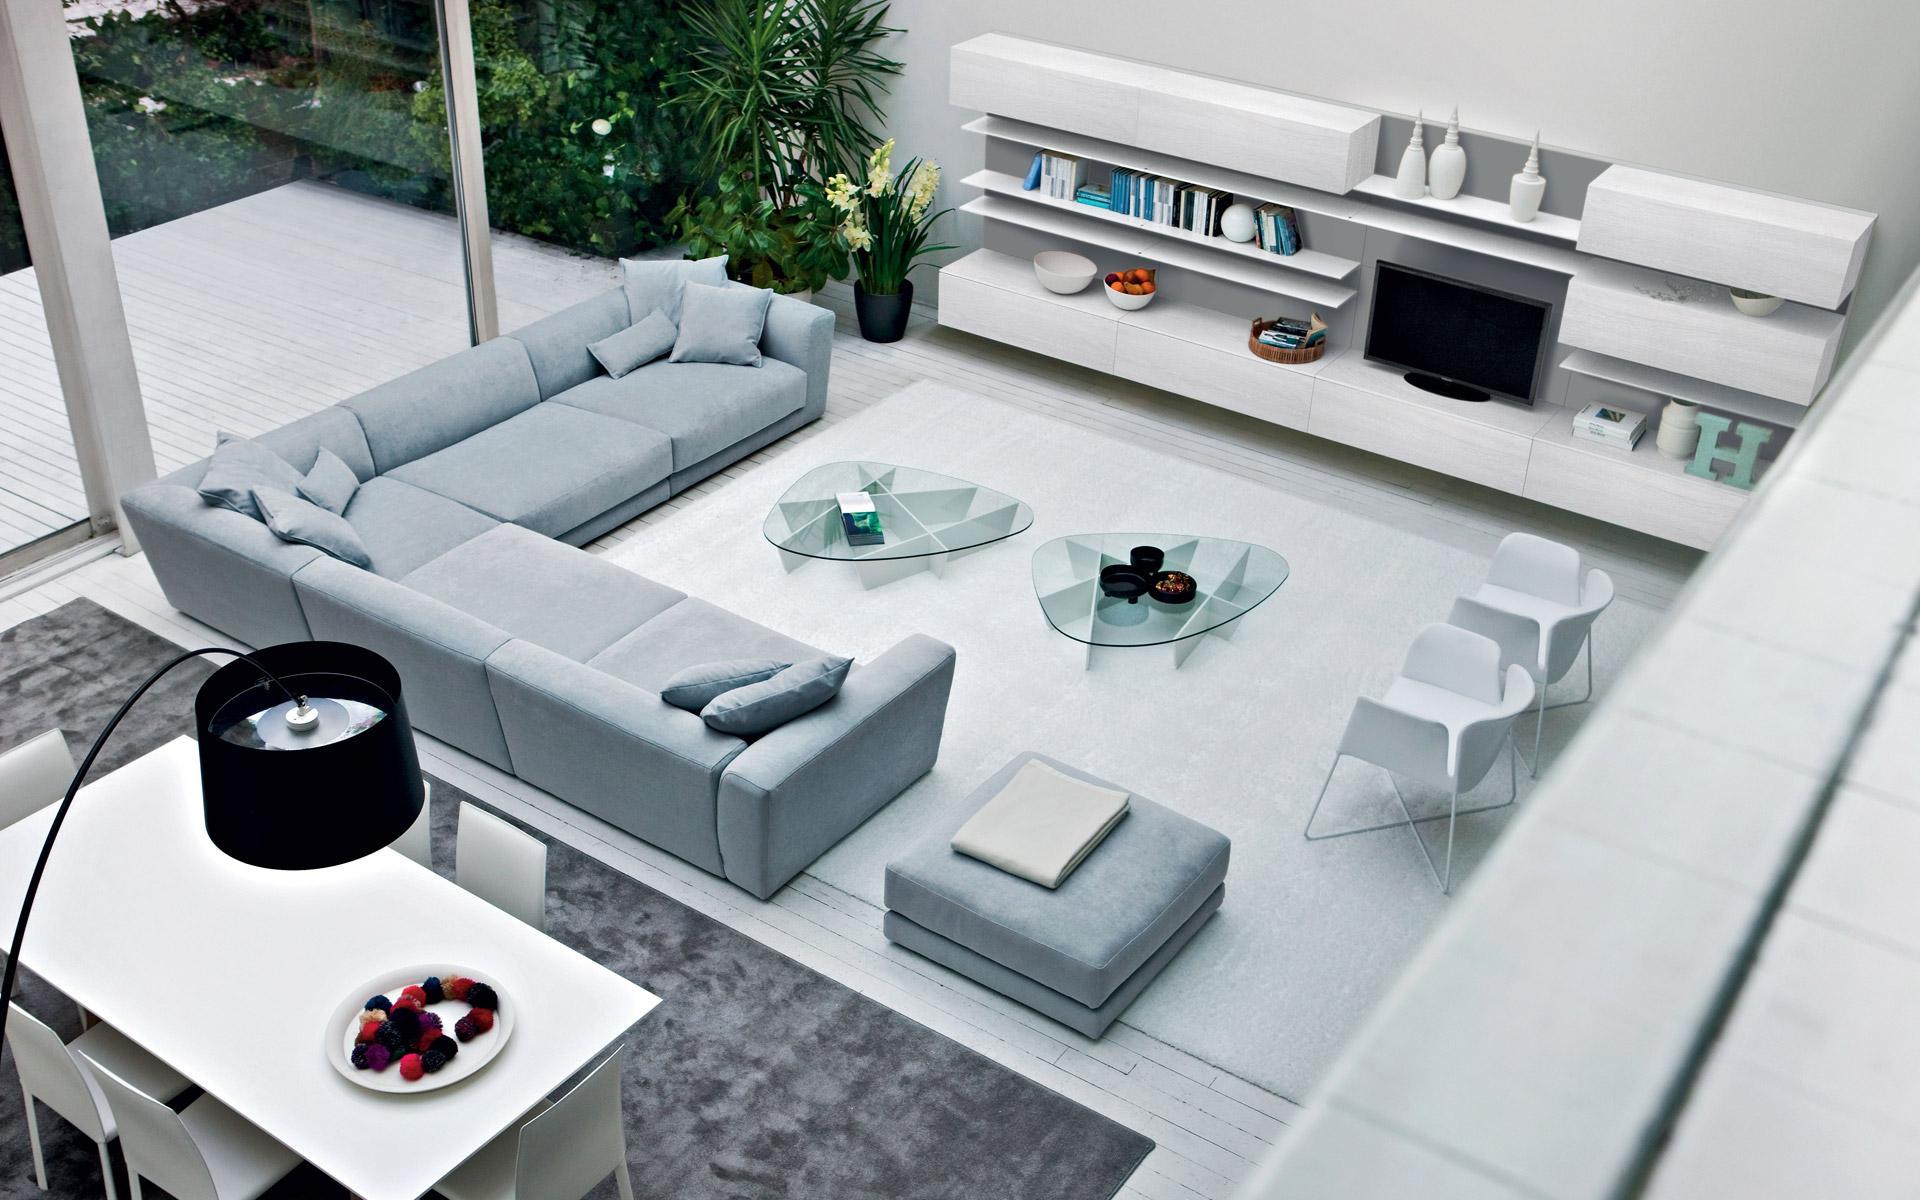 Arredo soggiorno moderno top arredamento soggiorno for Arredo soggiorno